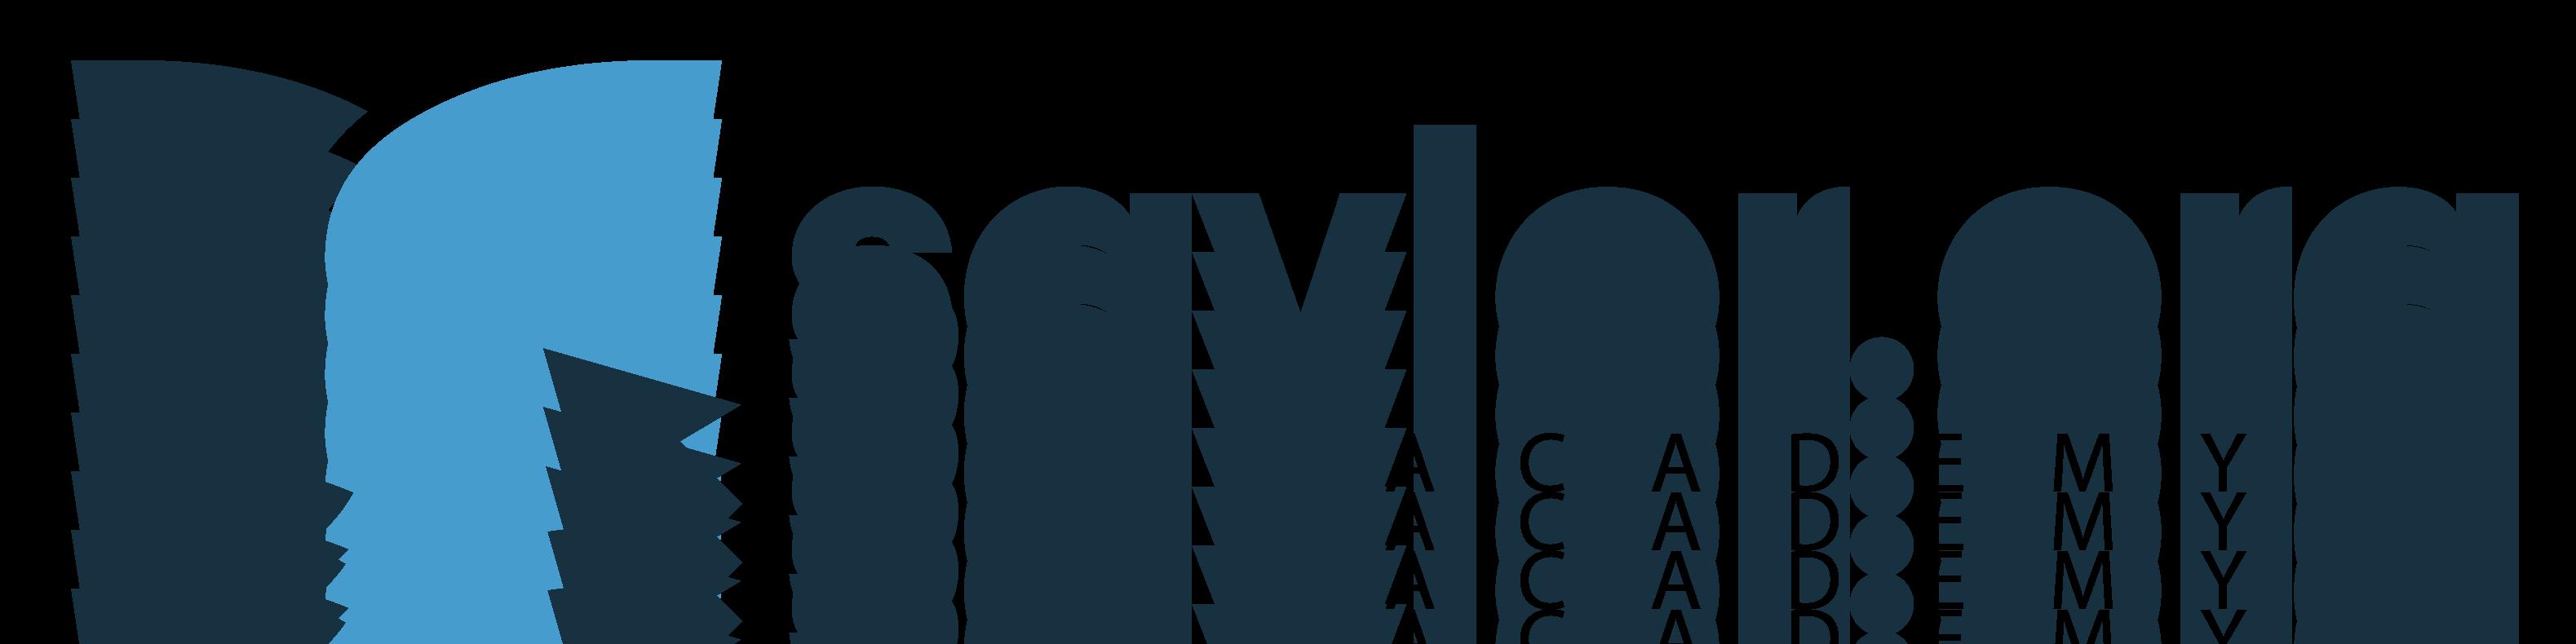 saylor academy logo